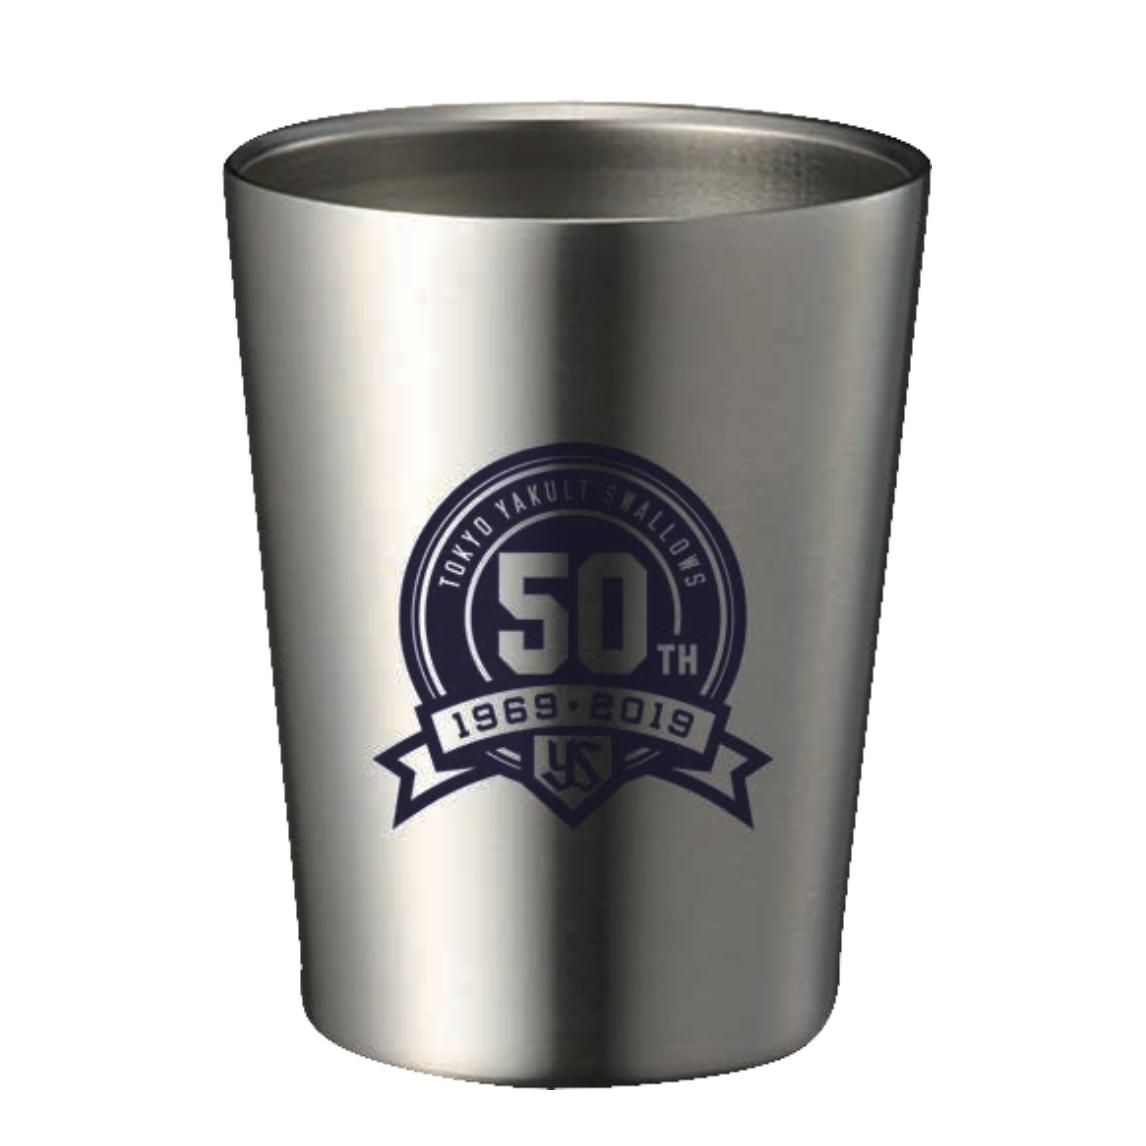 50th記念ステンレスサーモタンブラー